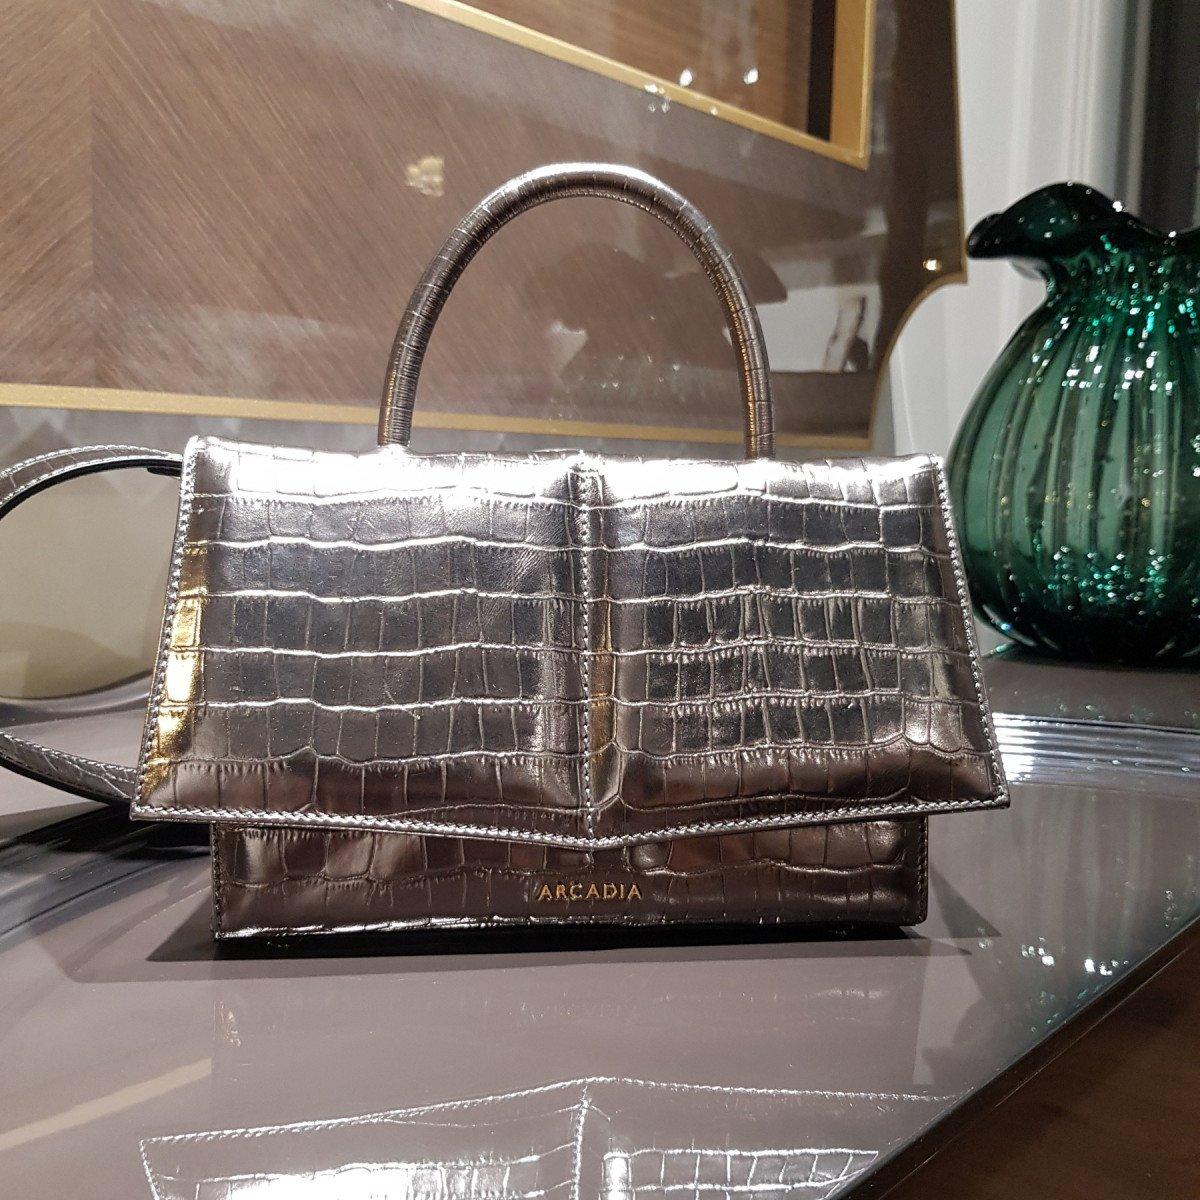 Итальянская женская сумка Arcadia 3940 metal piombo из натуральной кожи